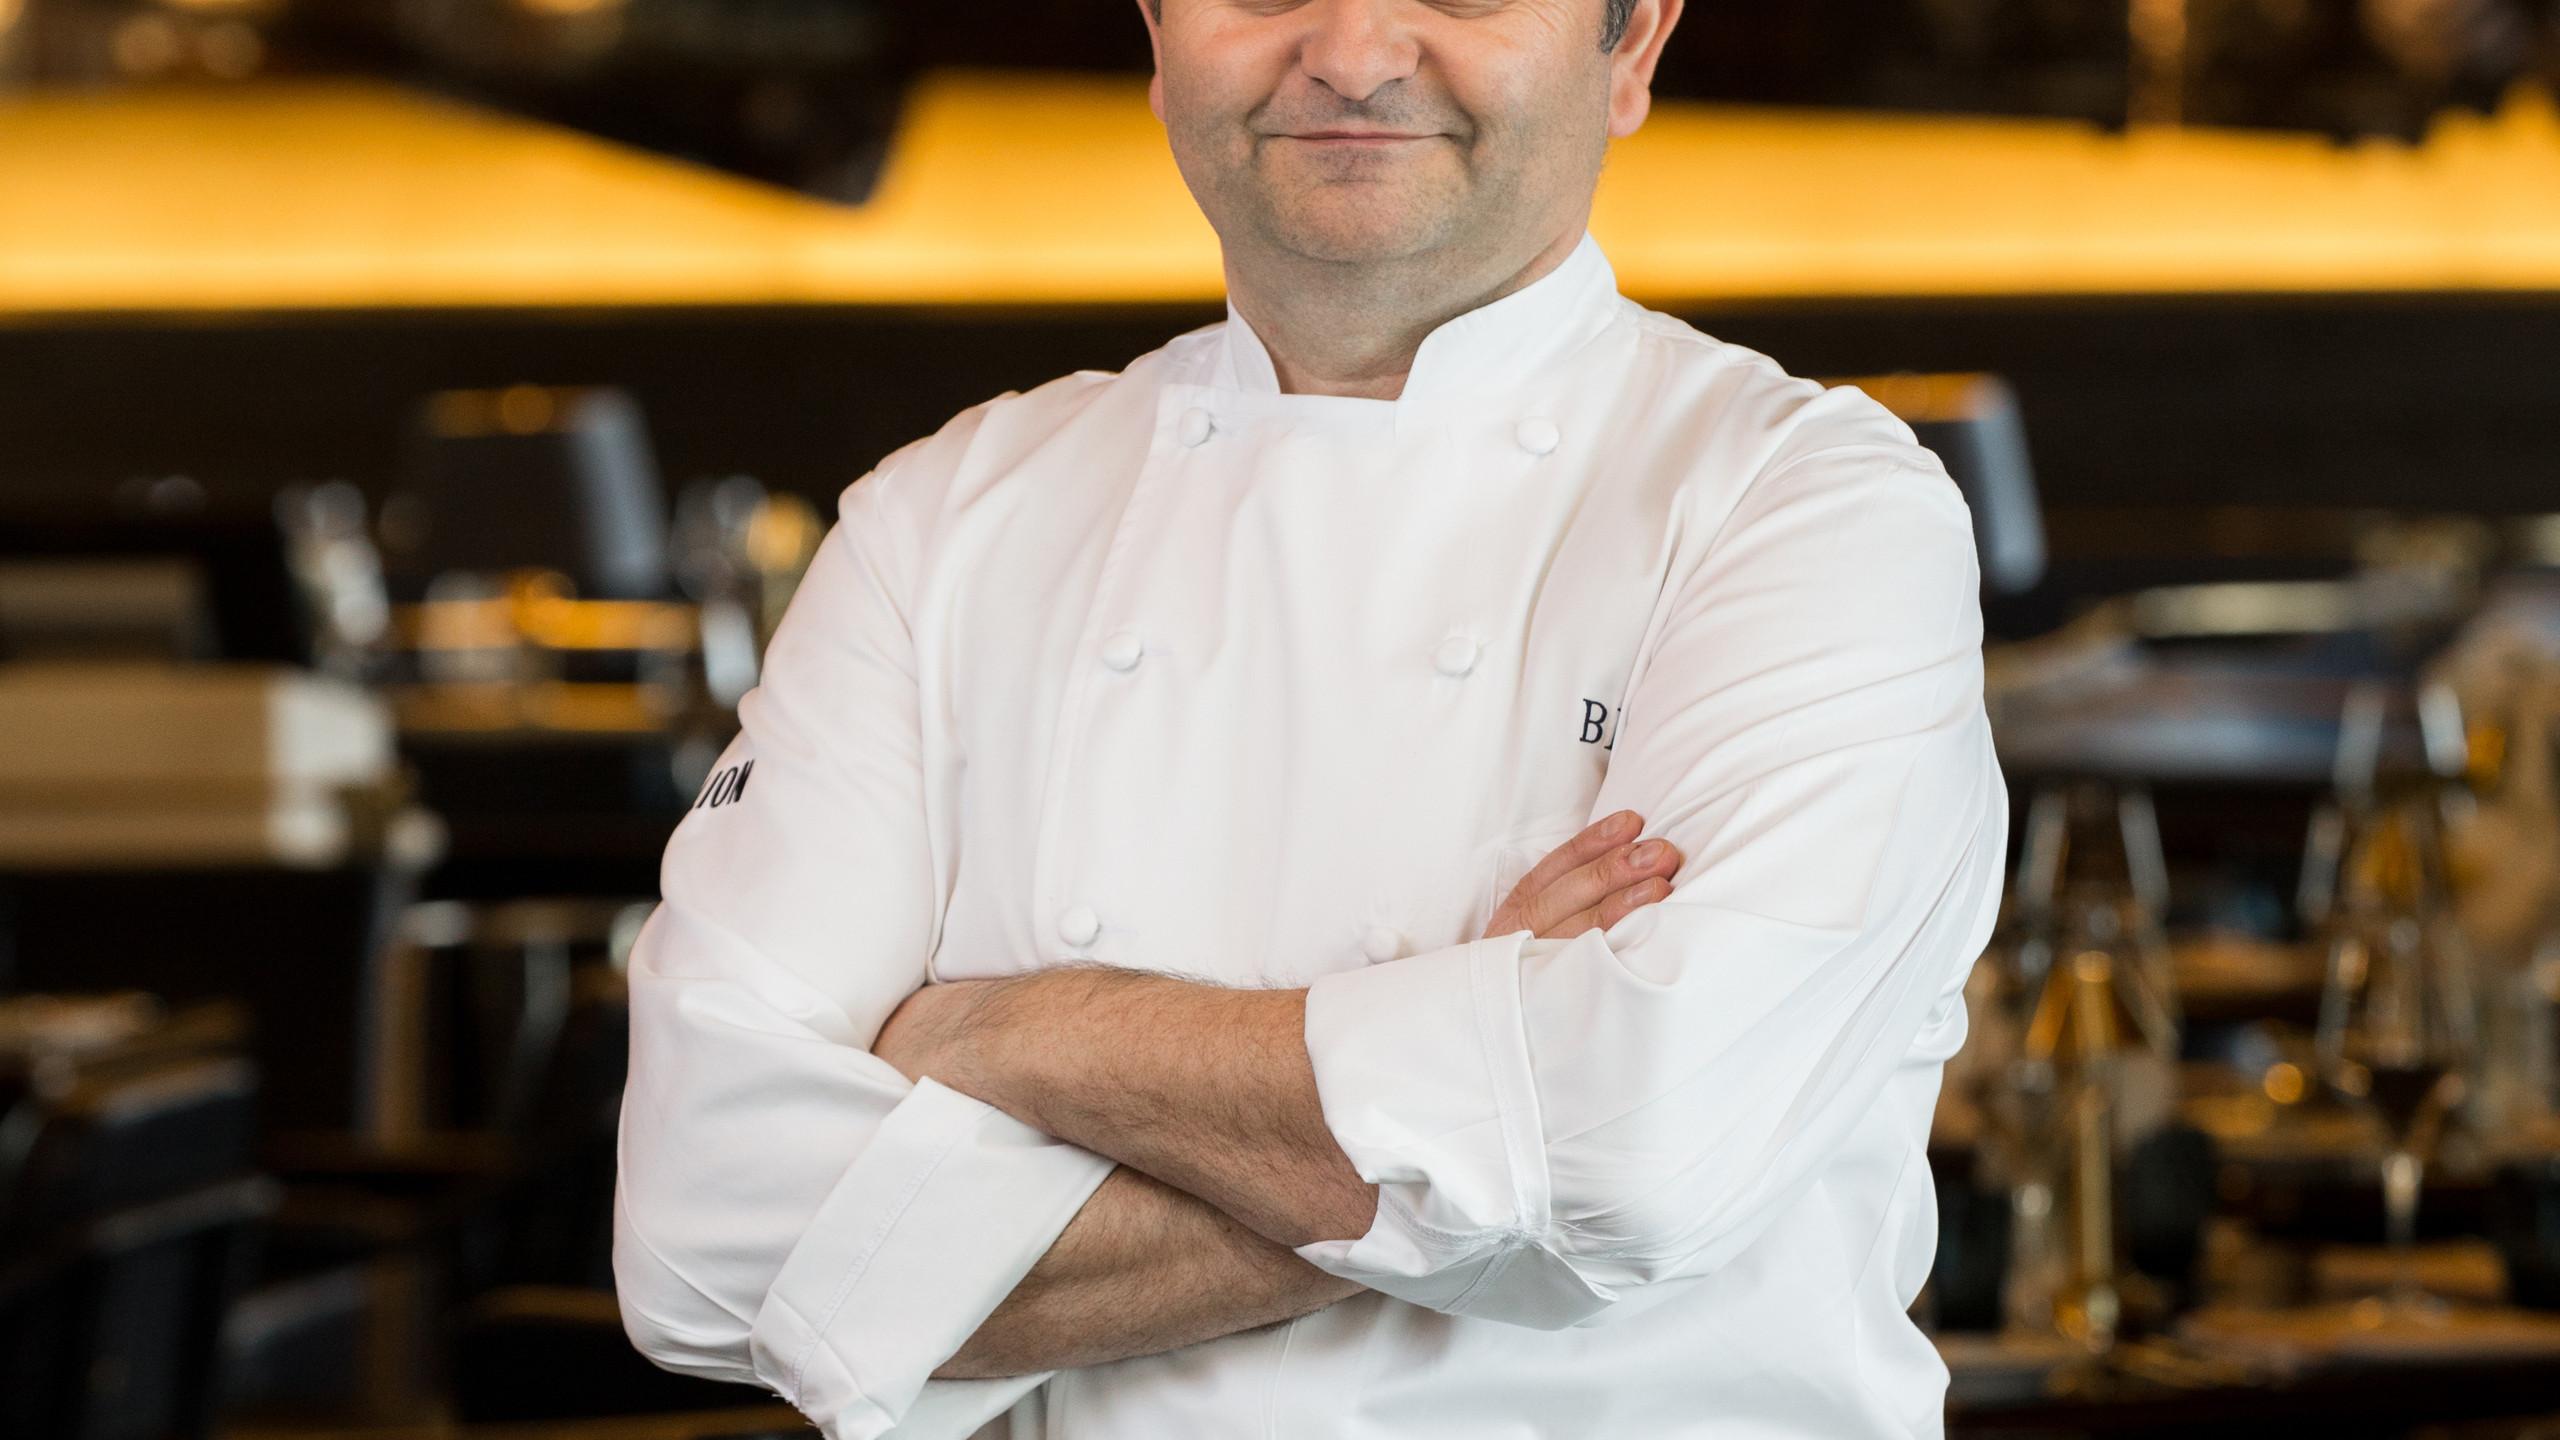 Bruno Davaillon - Executive Chef and Partner